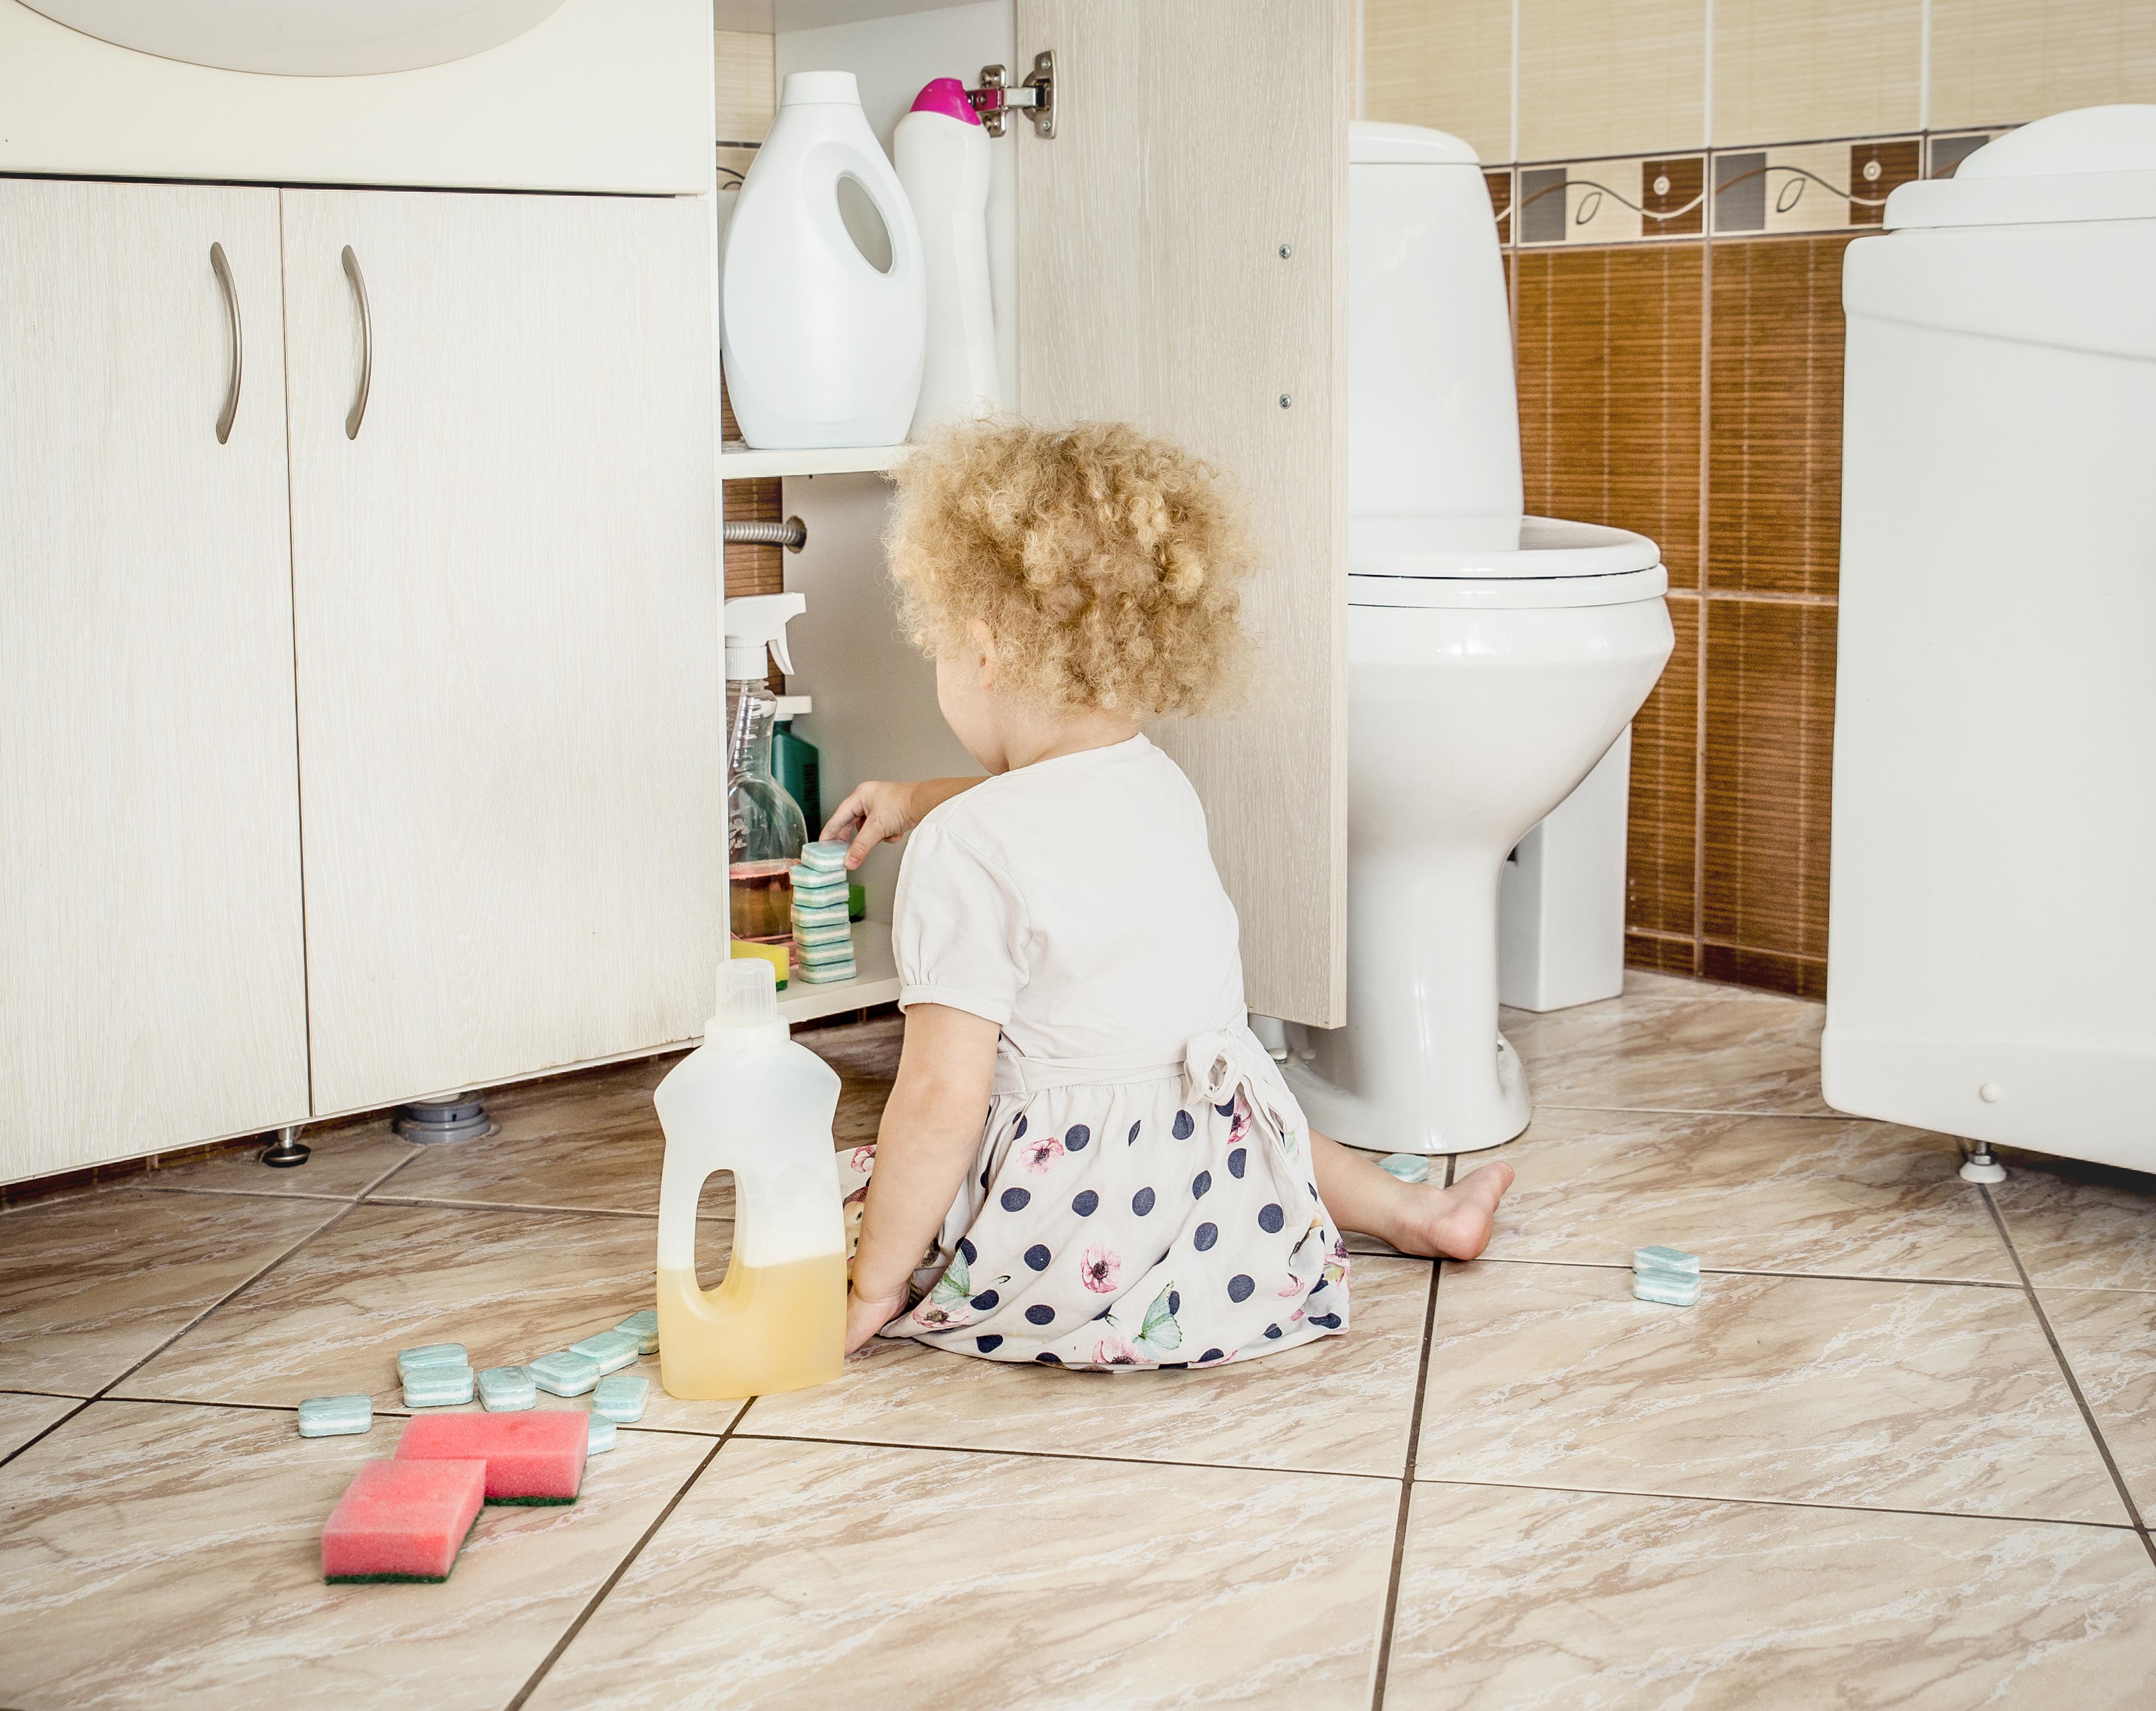 les jeunes enfants continuent d'être le groupe d'âge avec le taux d'exposition oculaire le plus élevé aux produits ménagers